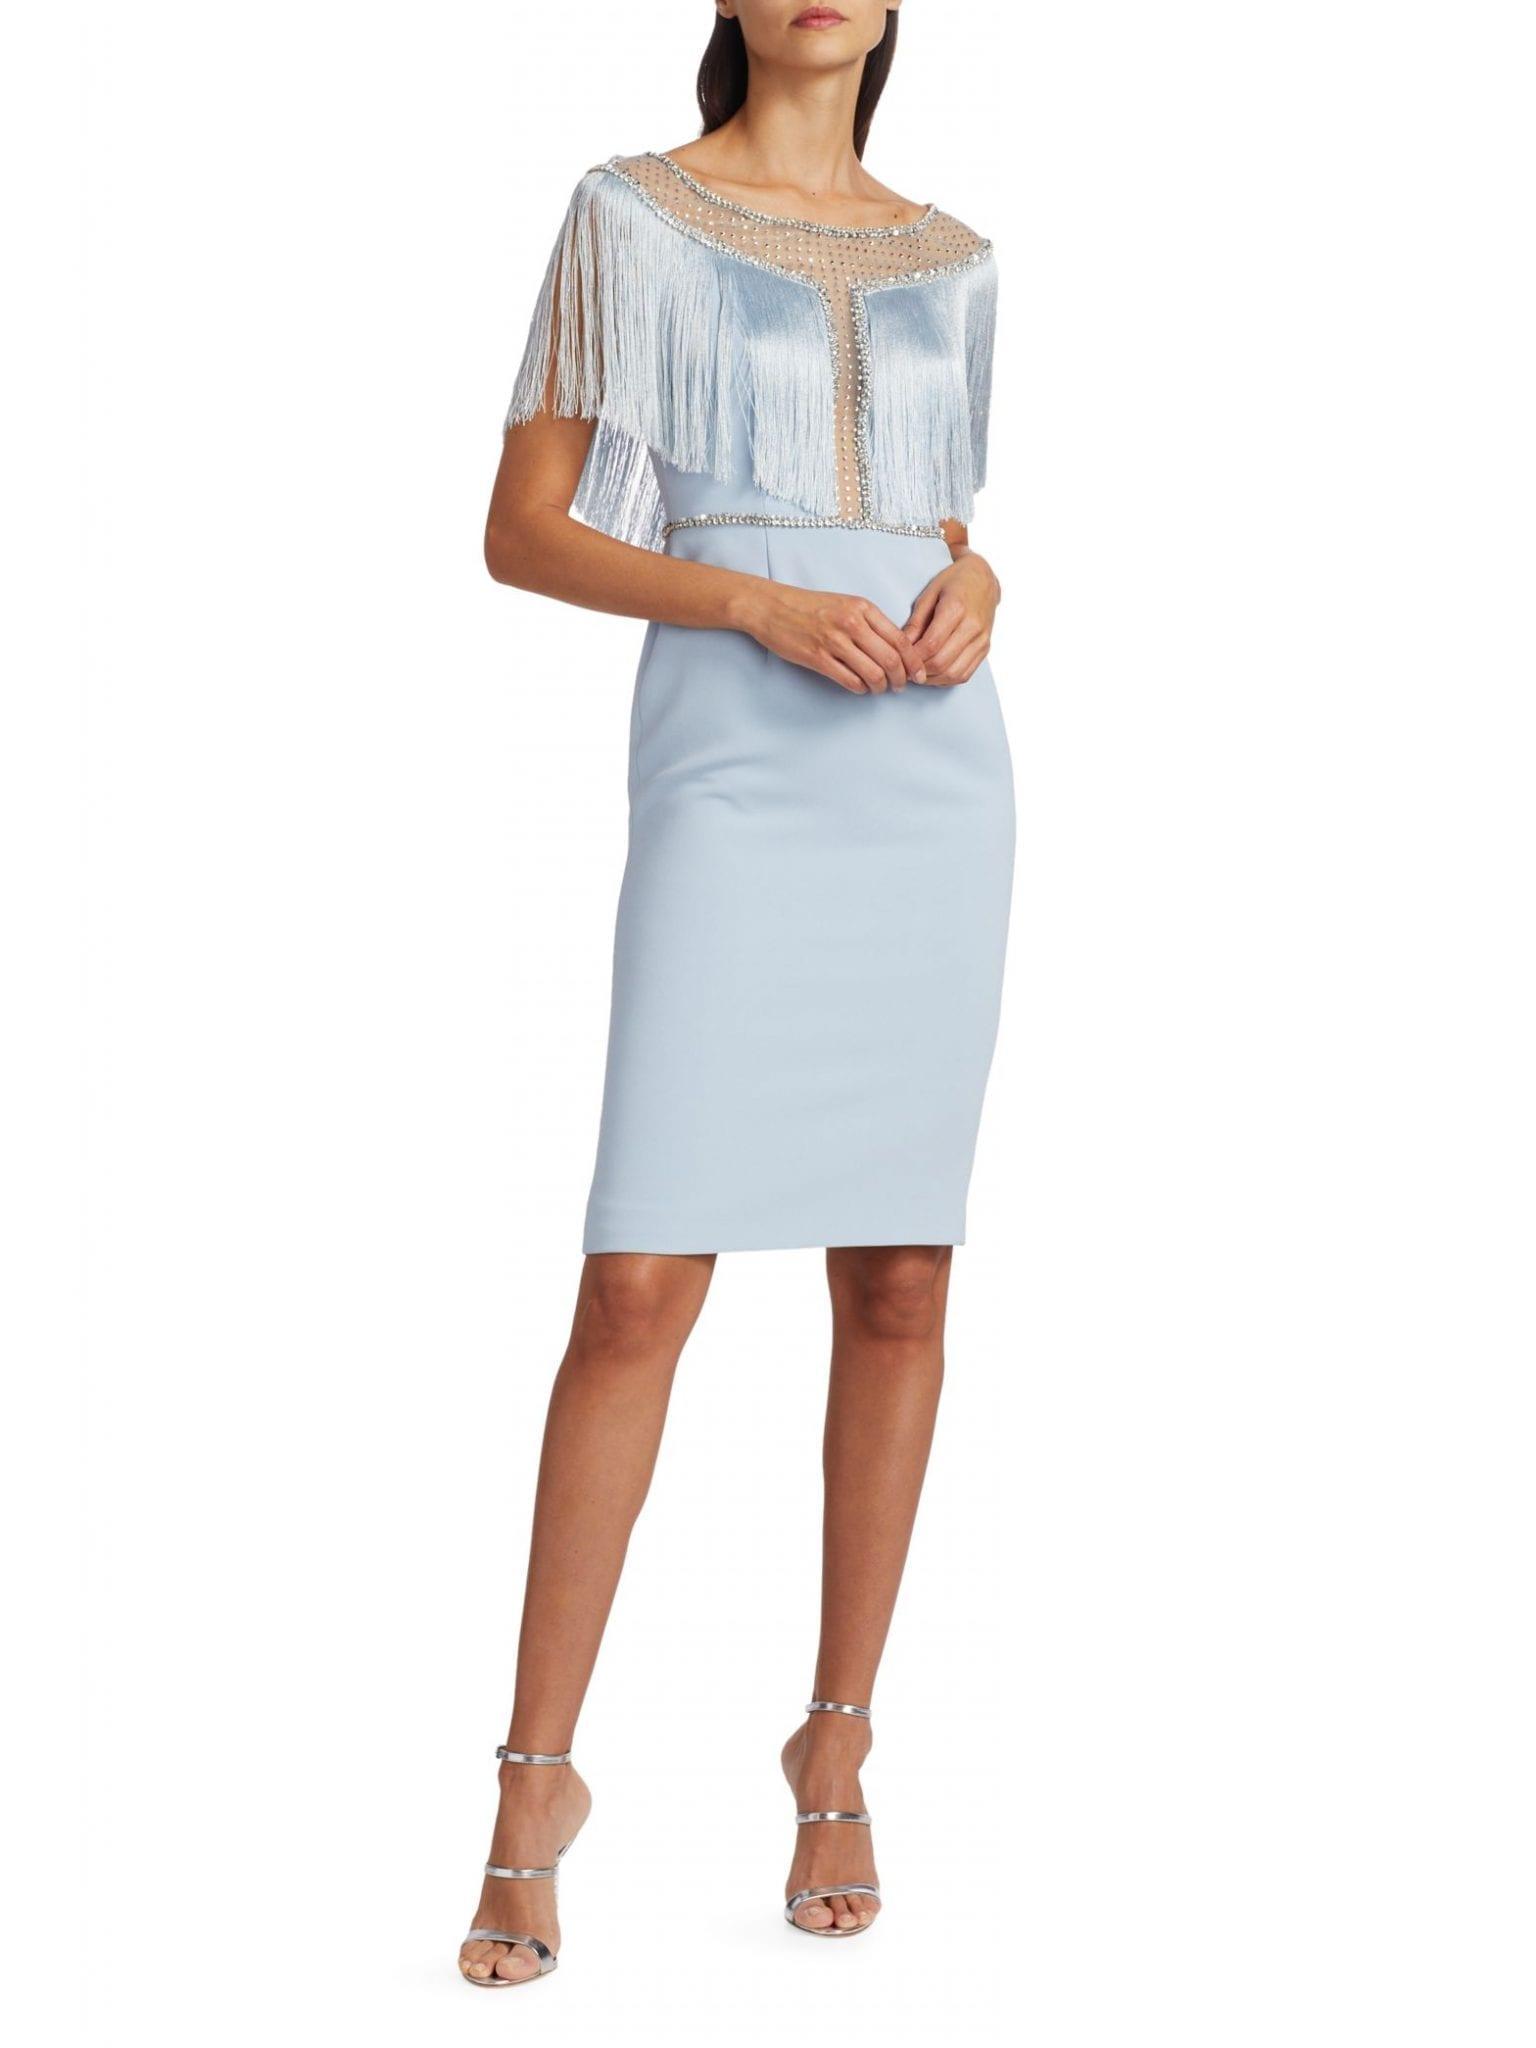 JENNY PACKHAM Jolene Crepe Crystal Illusion Fringe Dress